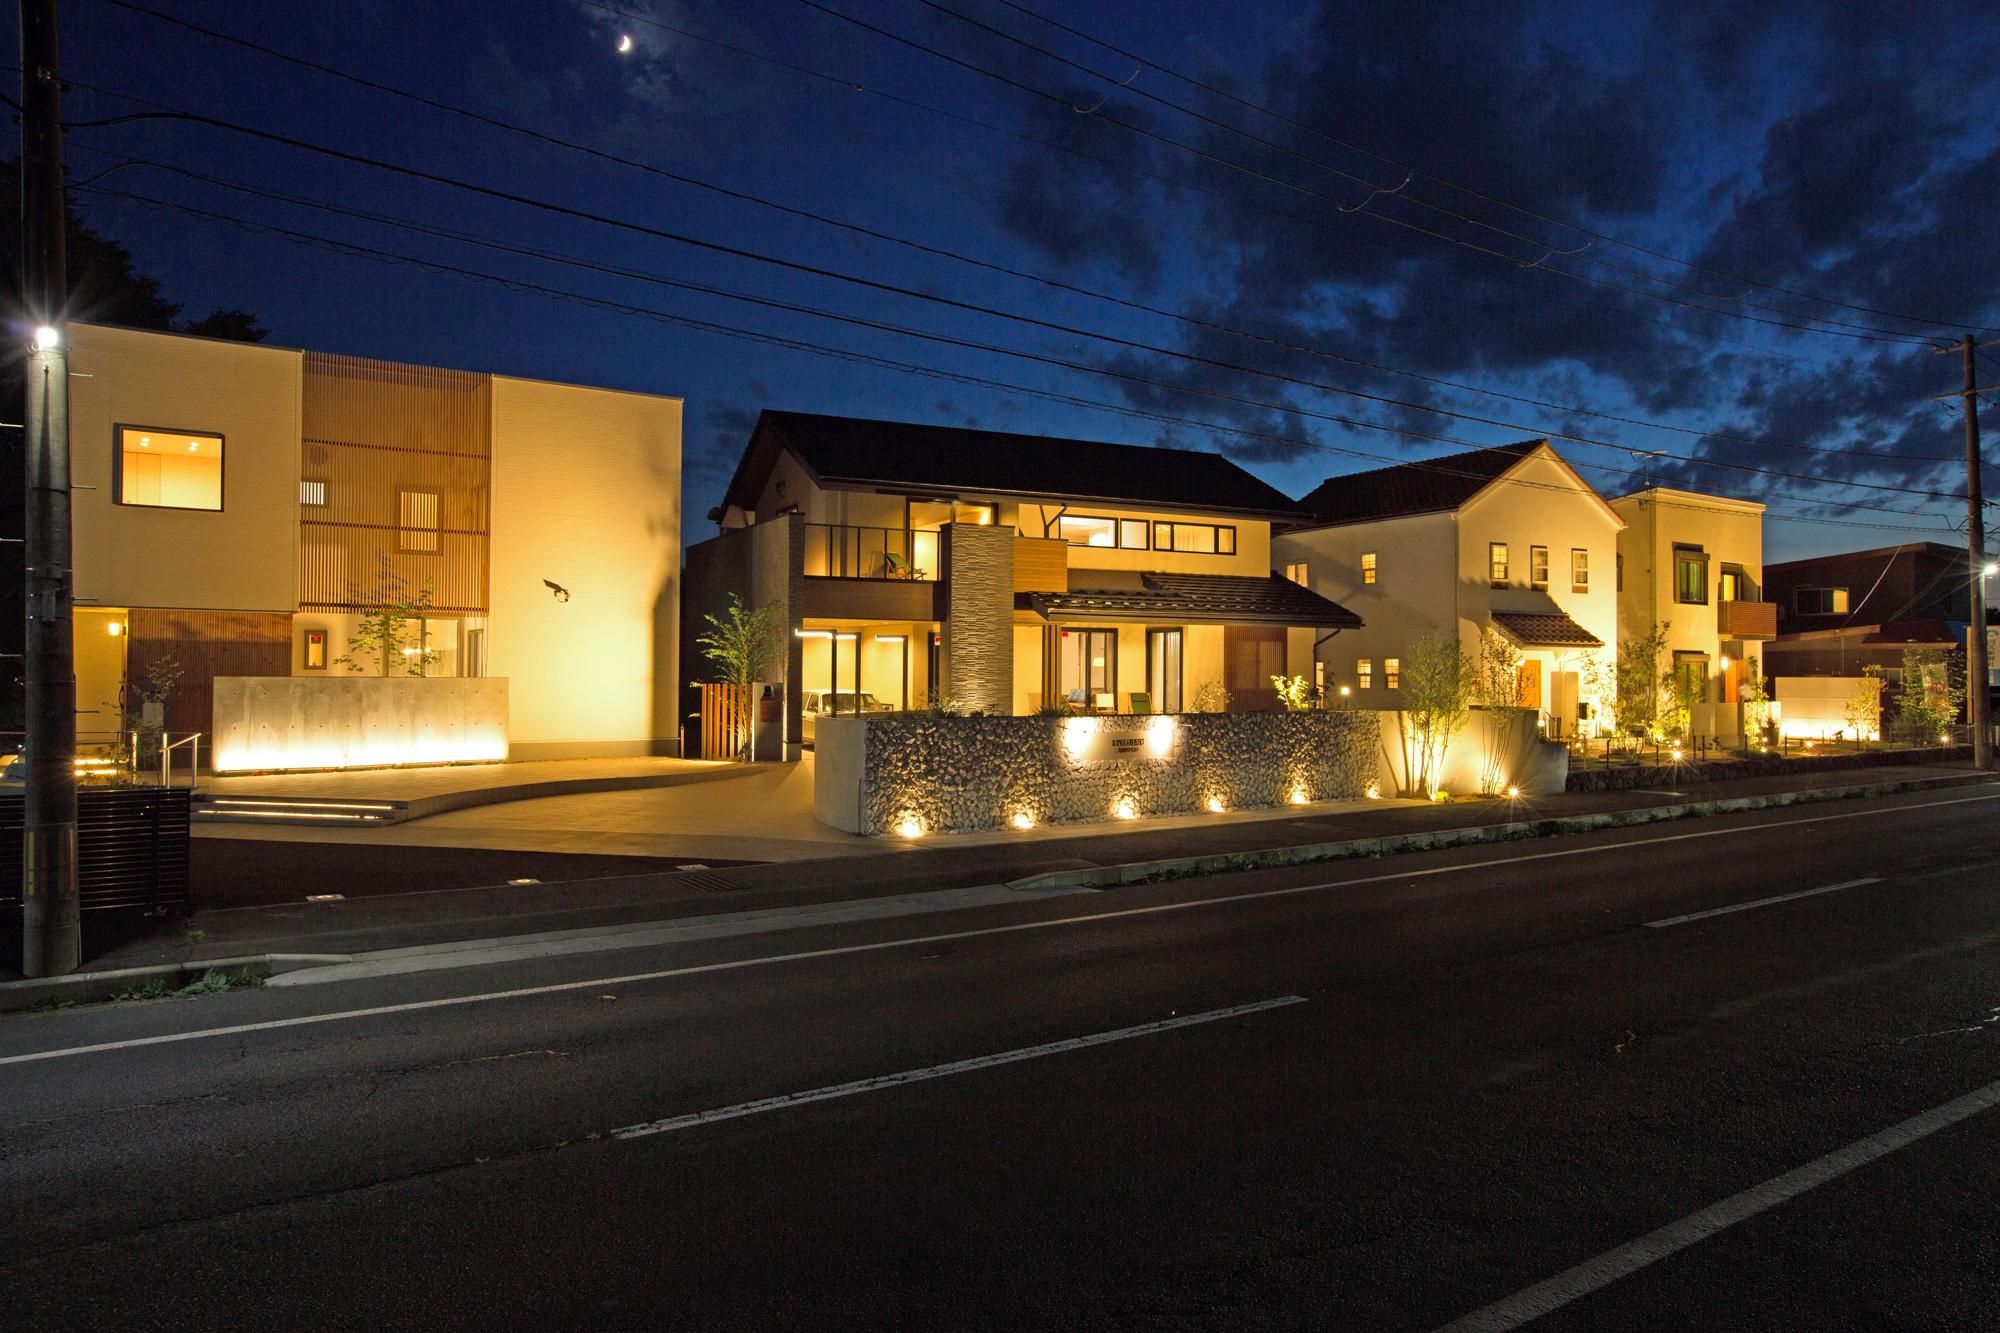 照明を上手にコーディネートした住宅のイメージ写真